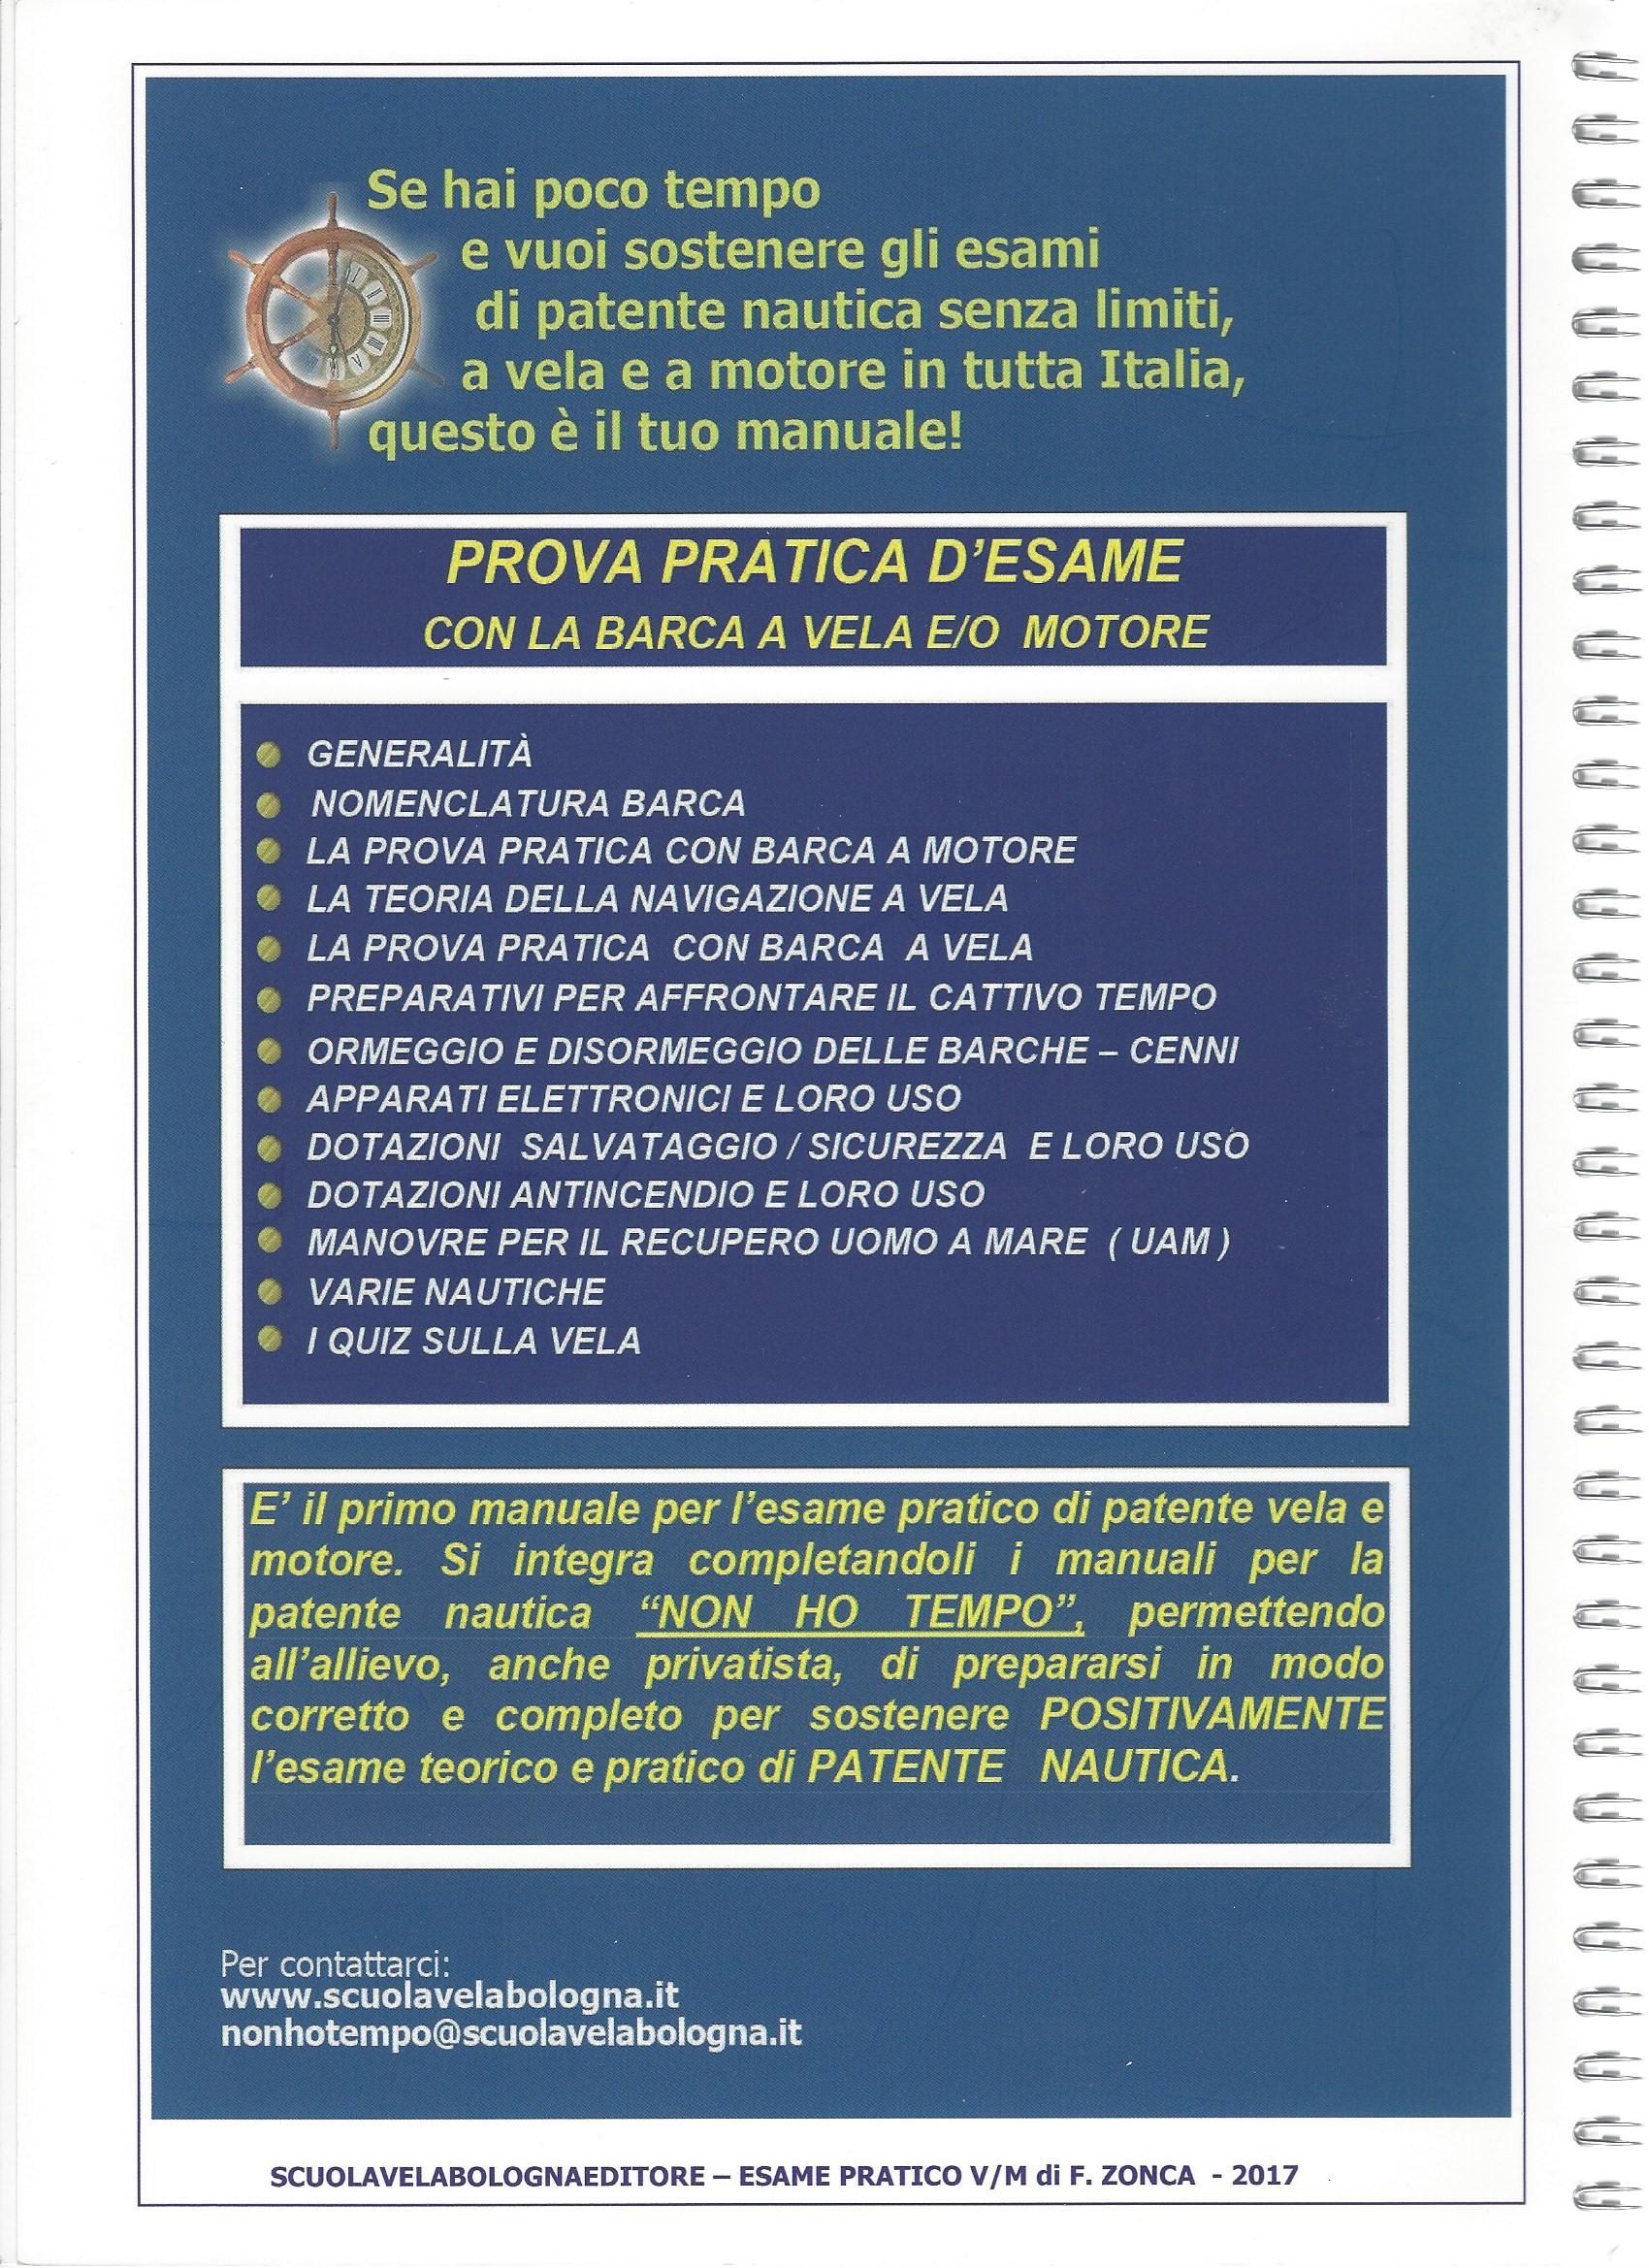 patentenautica